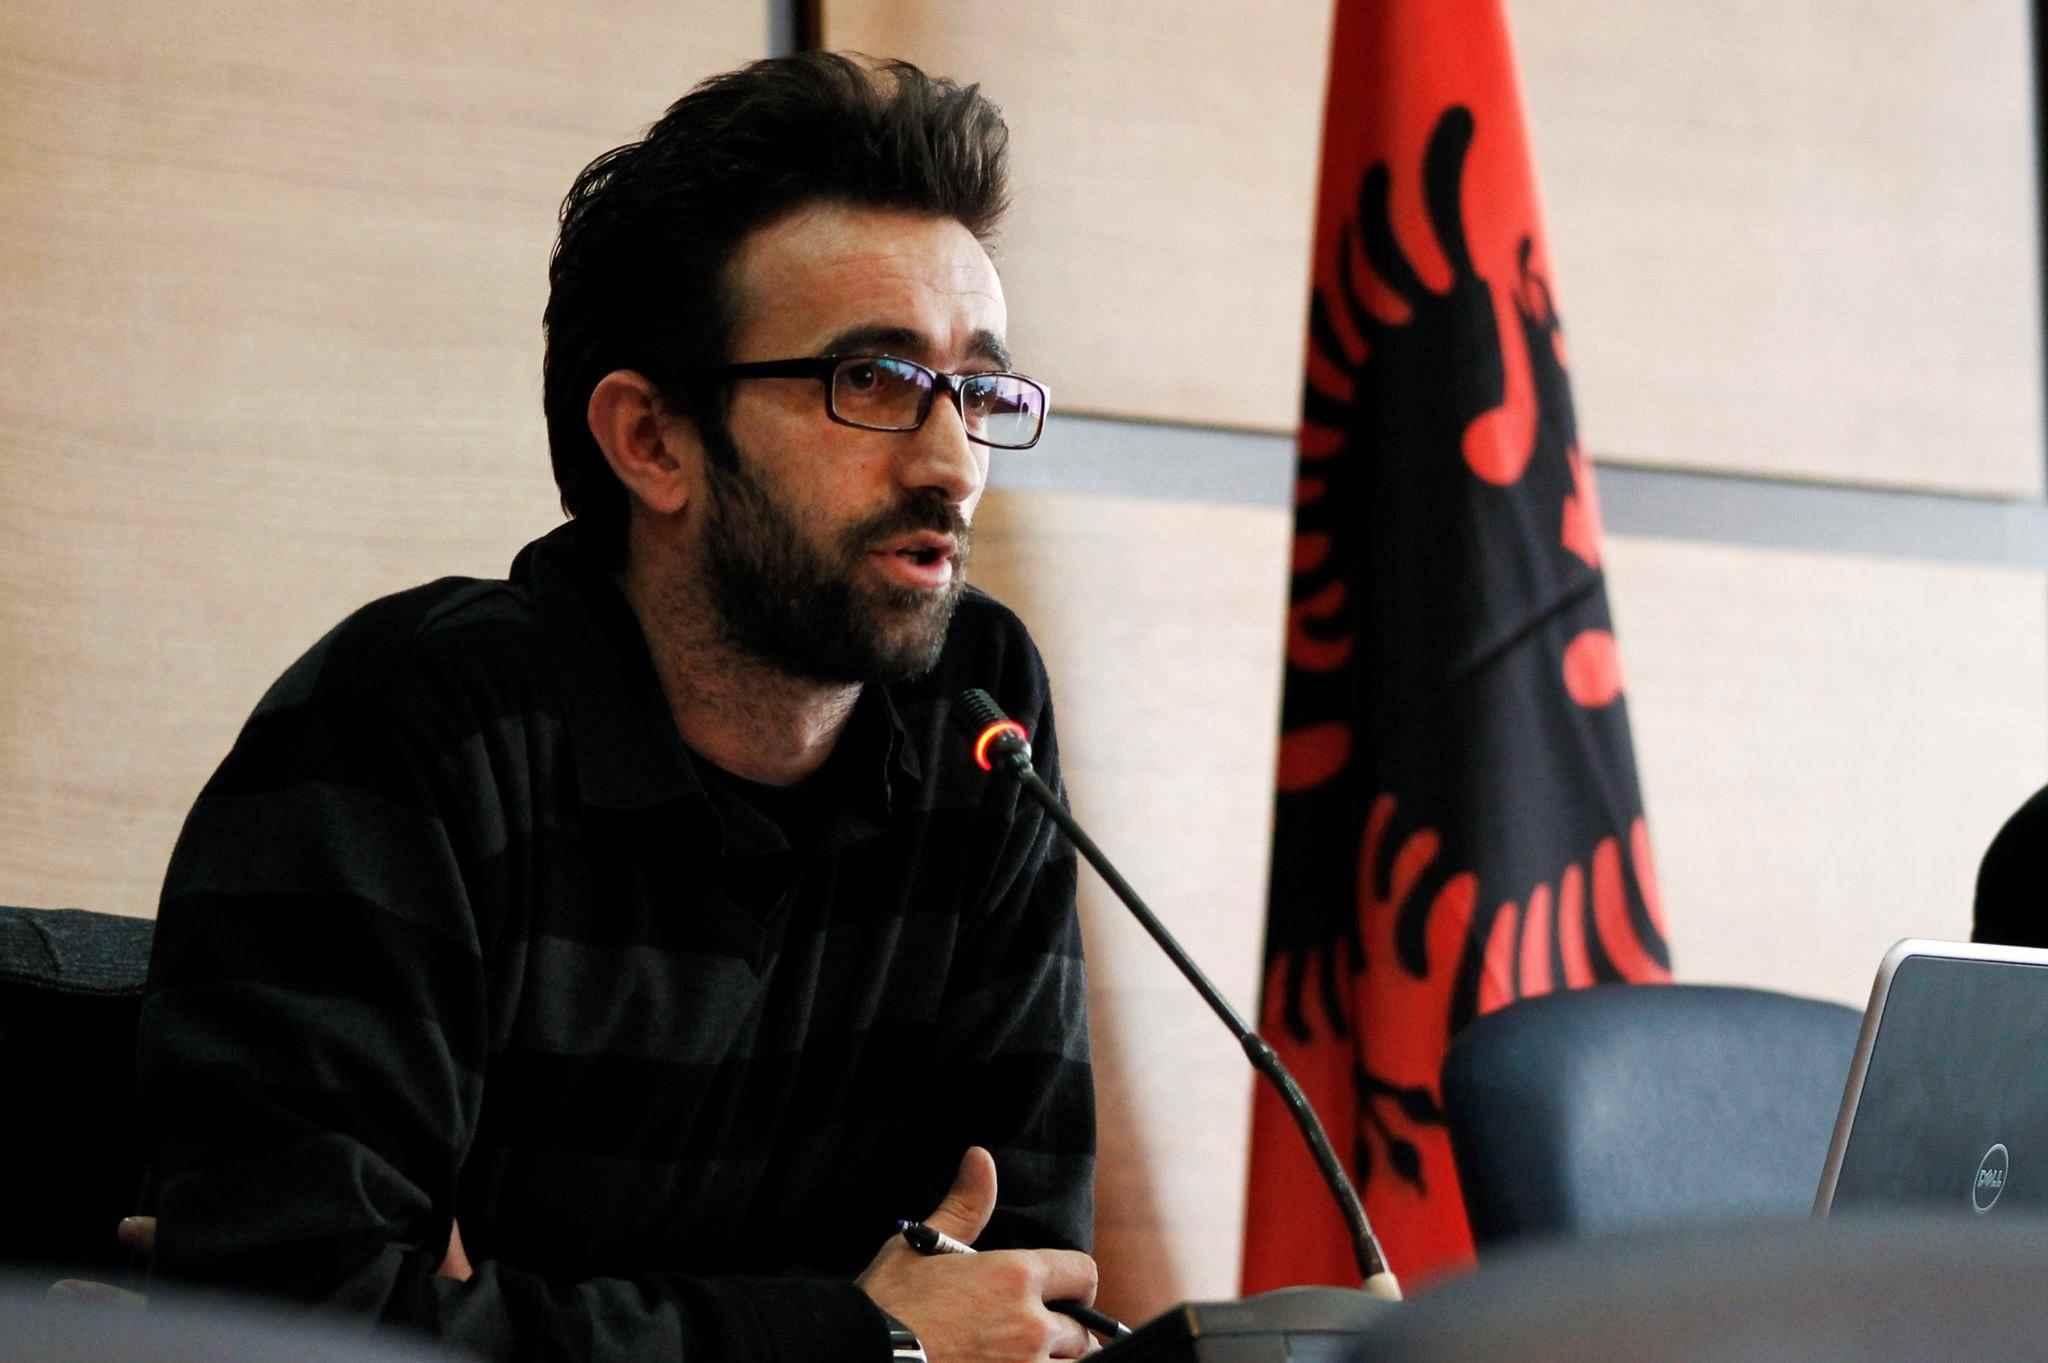 Vetëmashtrimet rrënuese të shqiptarëve - 3. Vetëmashtrimi për rilindjen tonë kombëtare